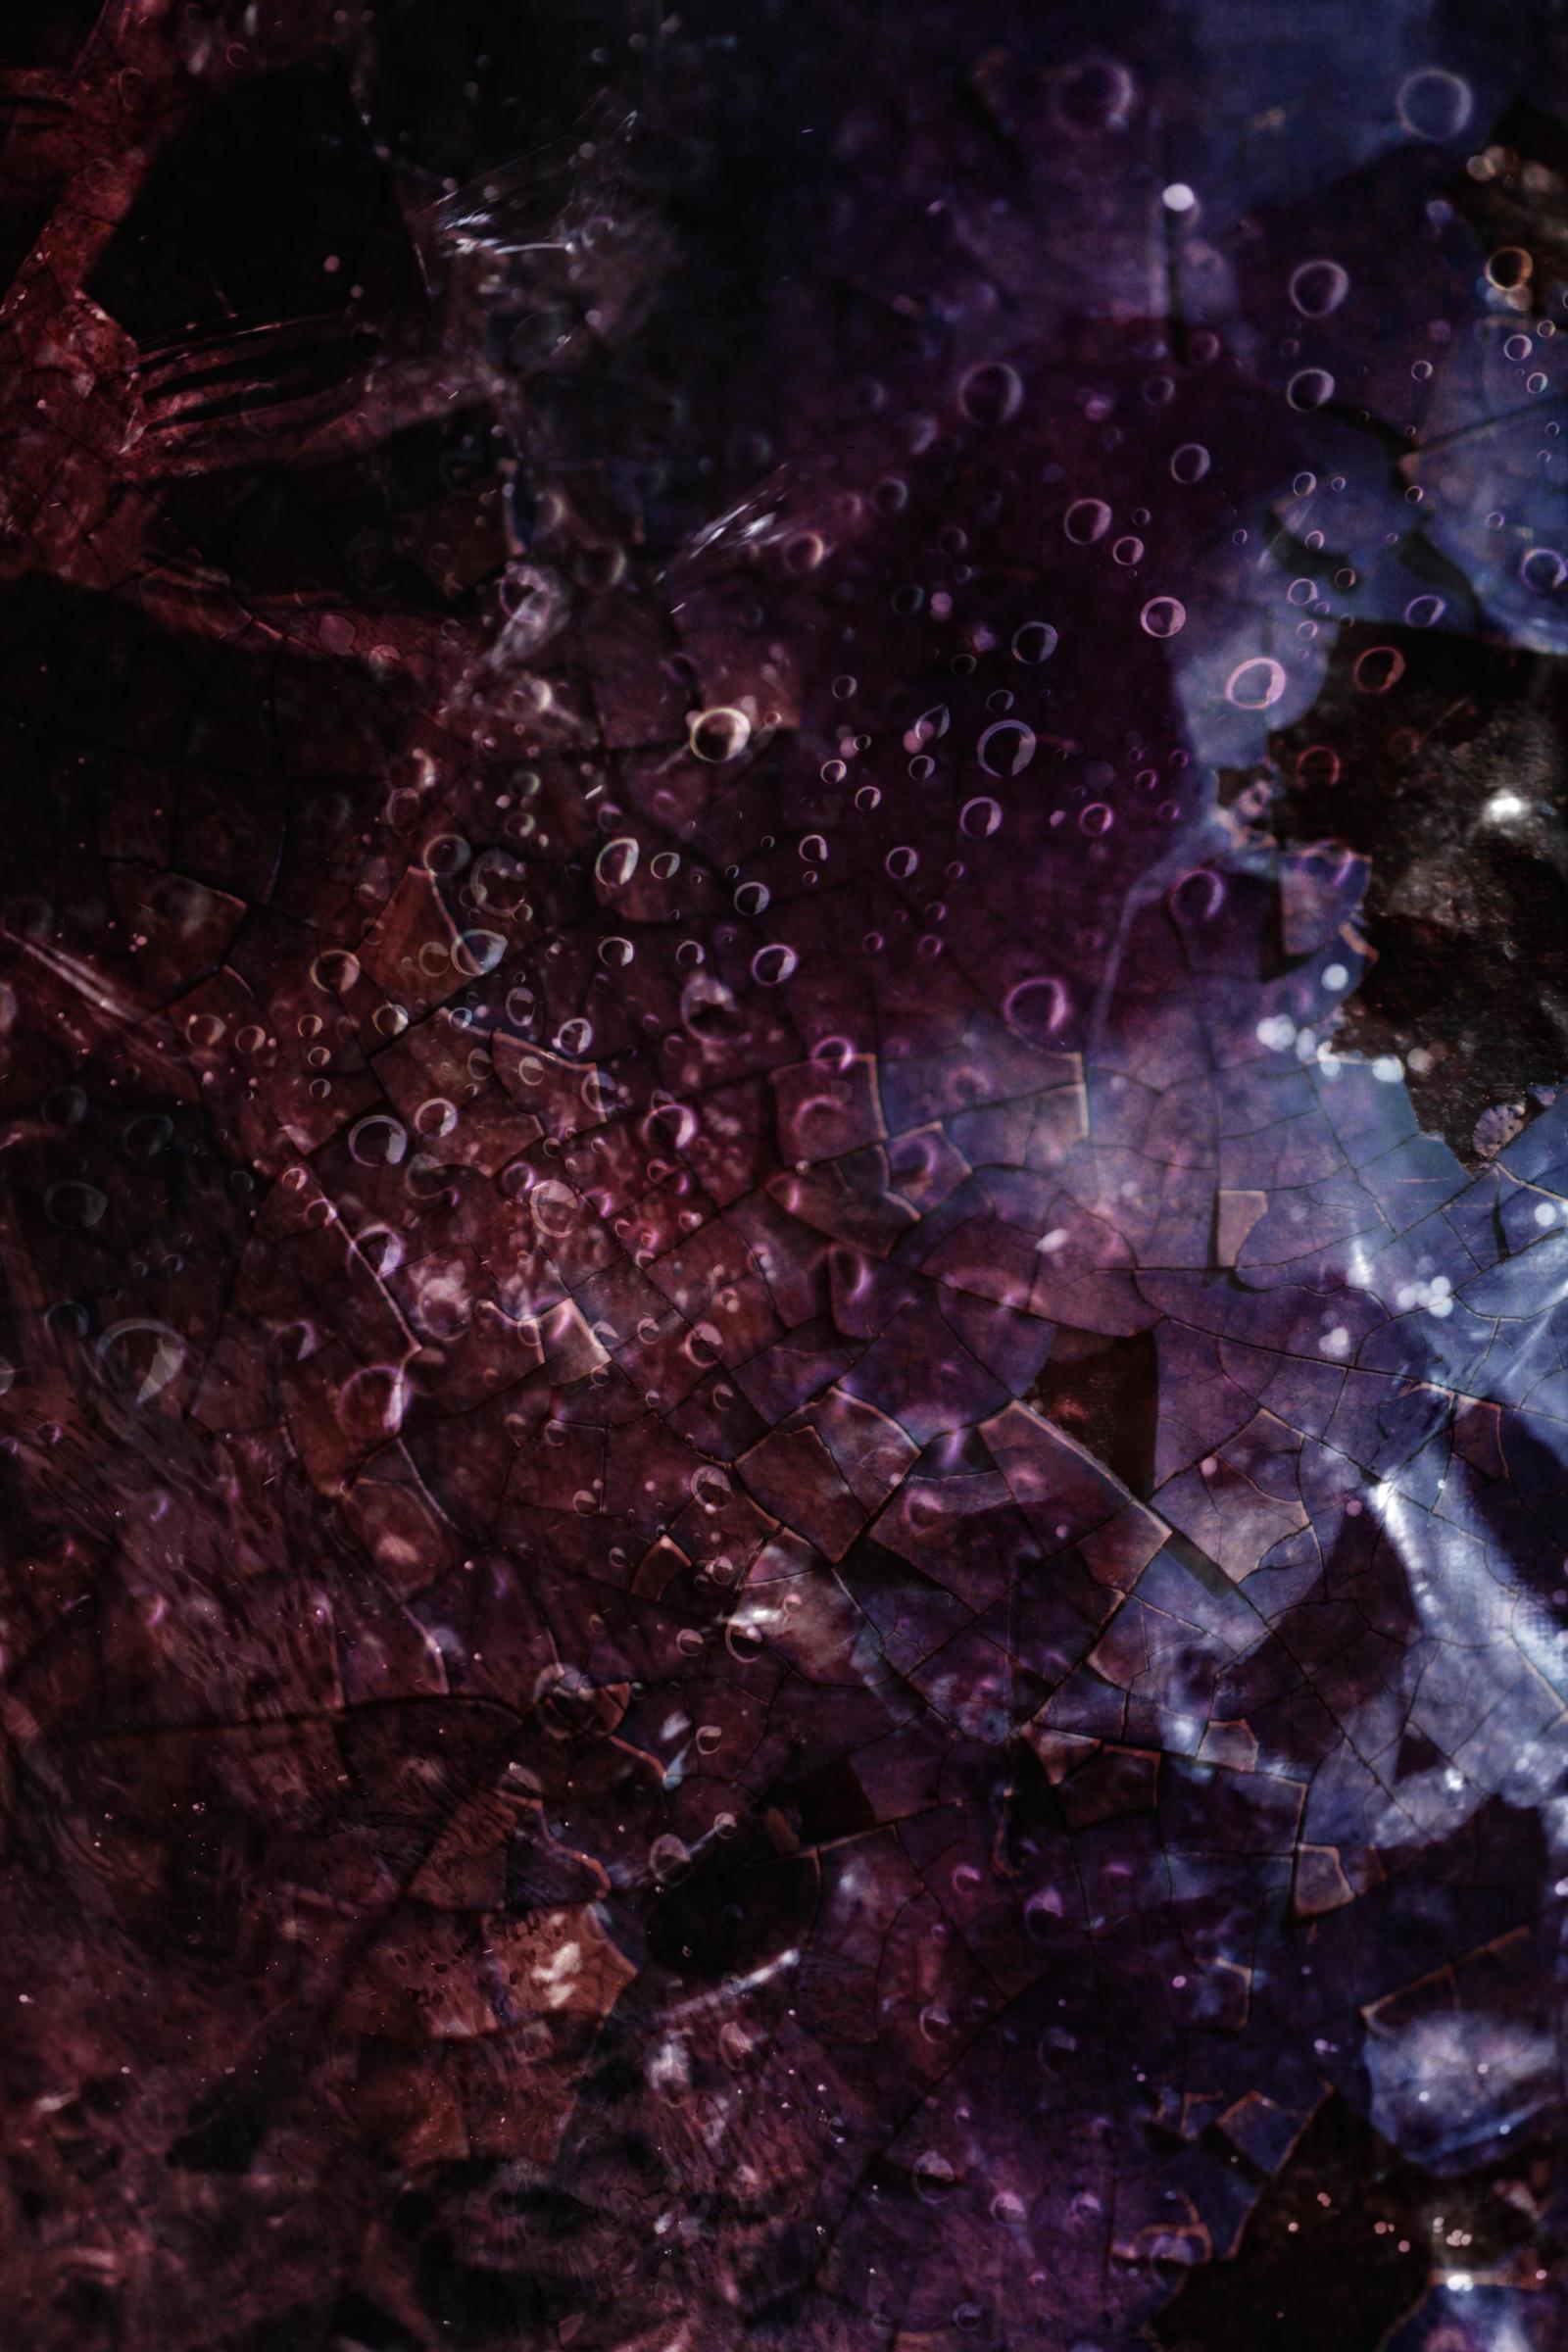 Texture 243 by Sirius-sdz